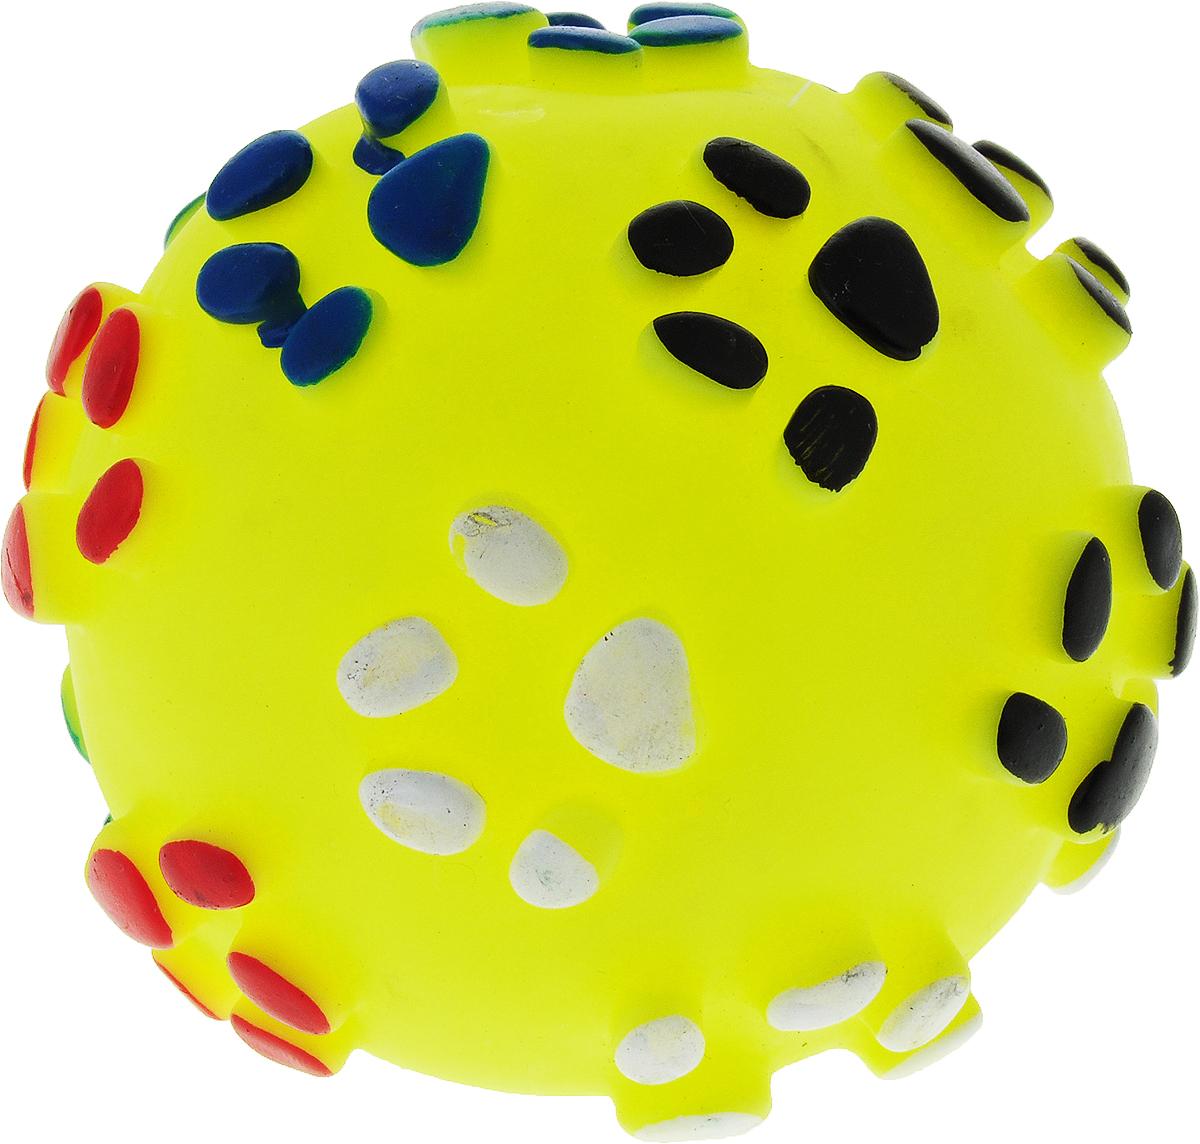 Игрушка для собак Уют Мяч лапки, цвет: желтый, 8,5 см уют